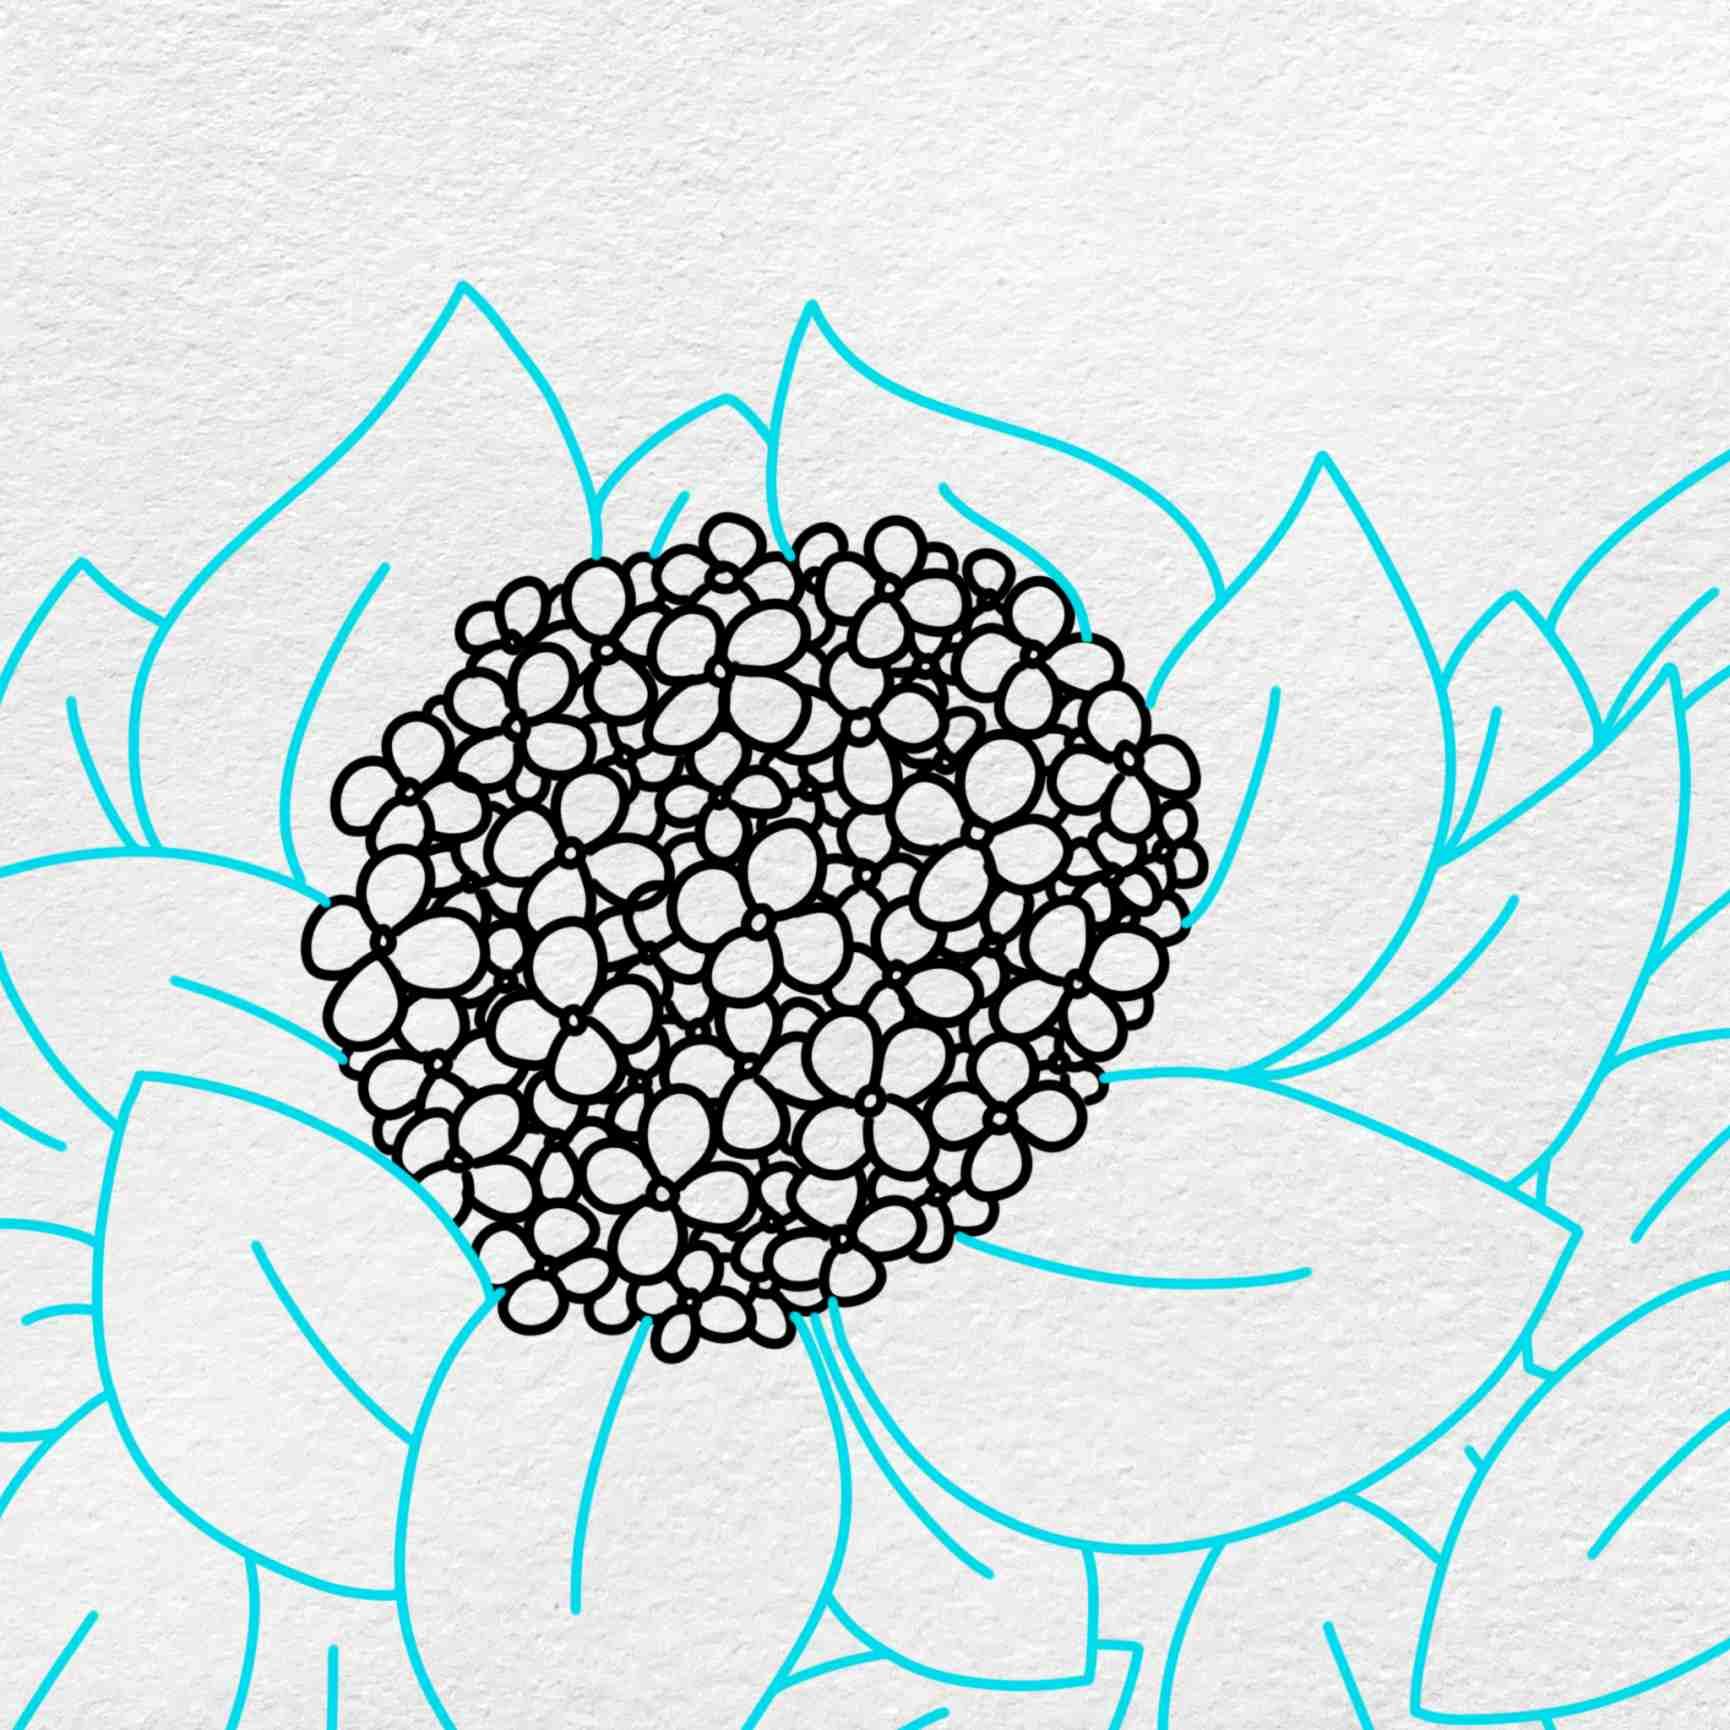 How To Draw Hydrangea: Step 5